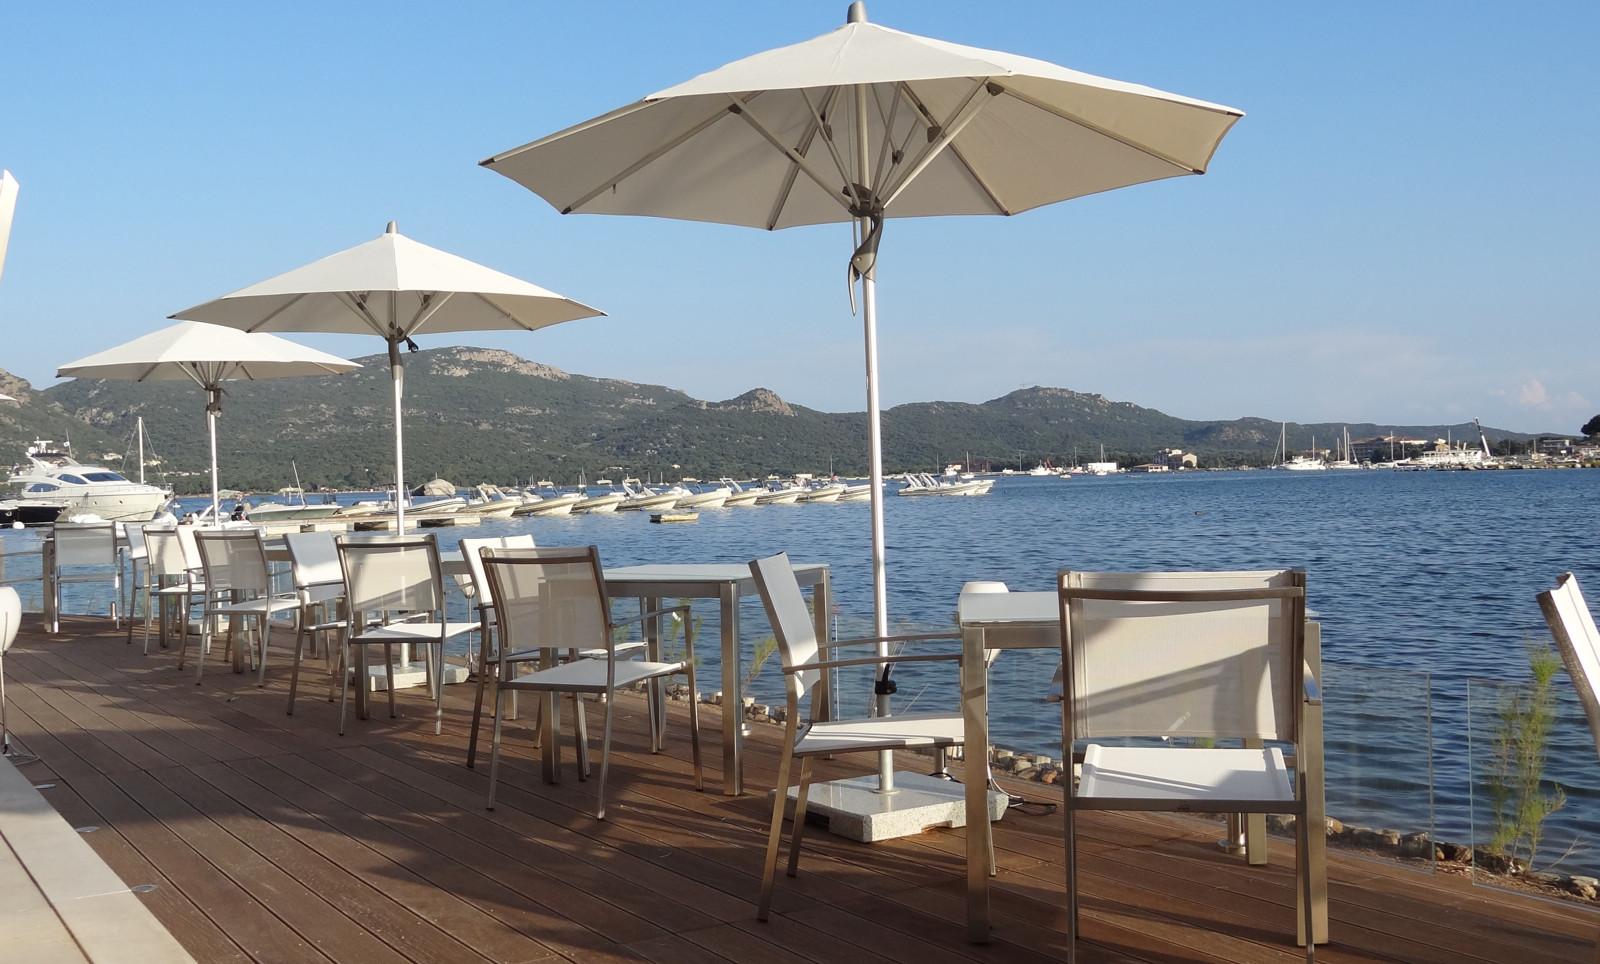 Hotel don cesar porto vecchio corsica borek for Hotels porto vecchio